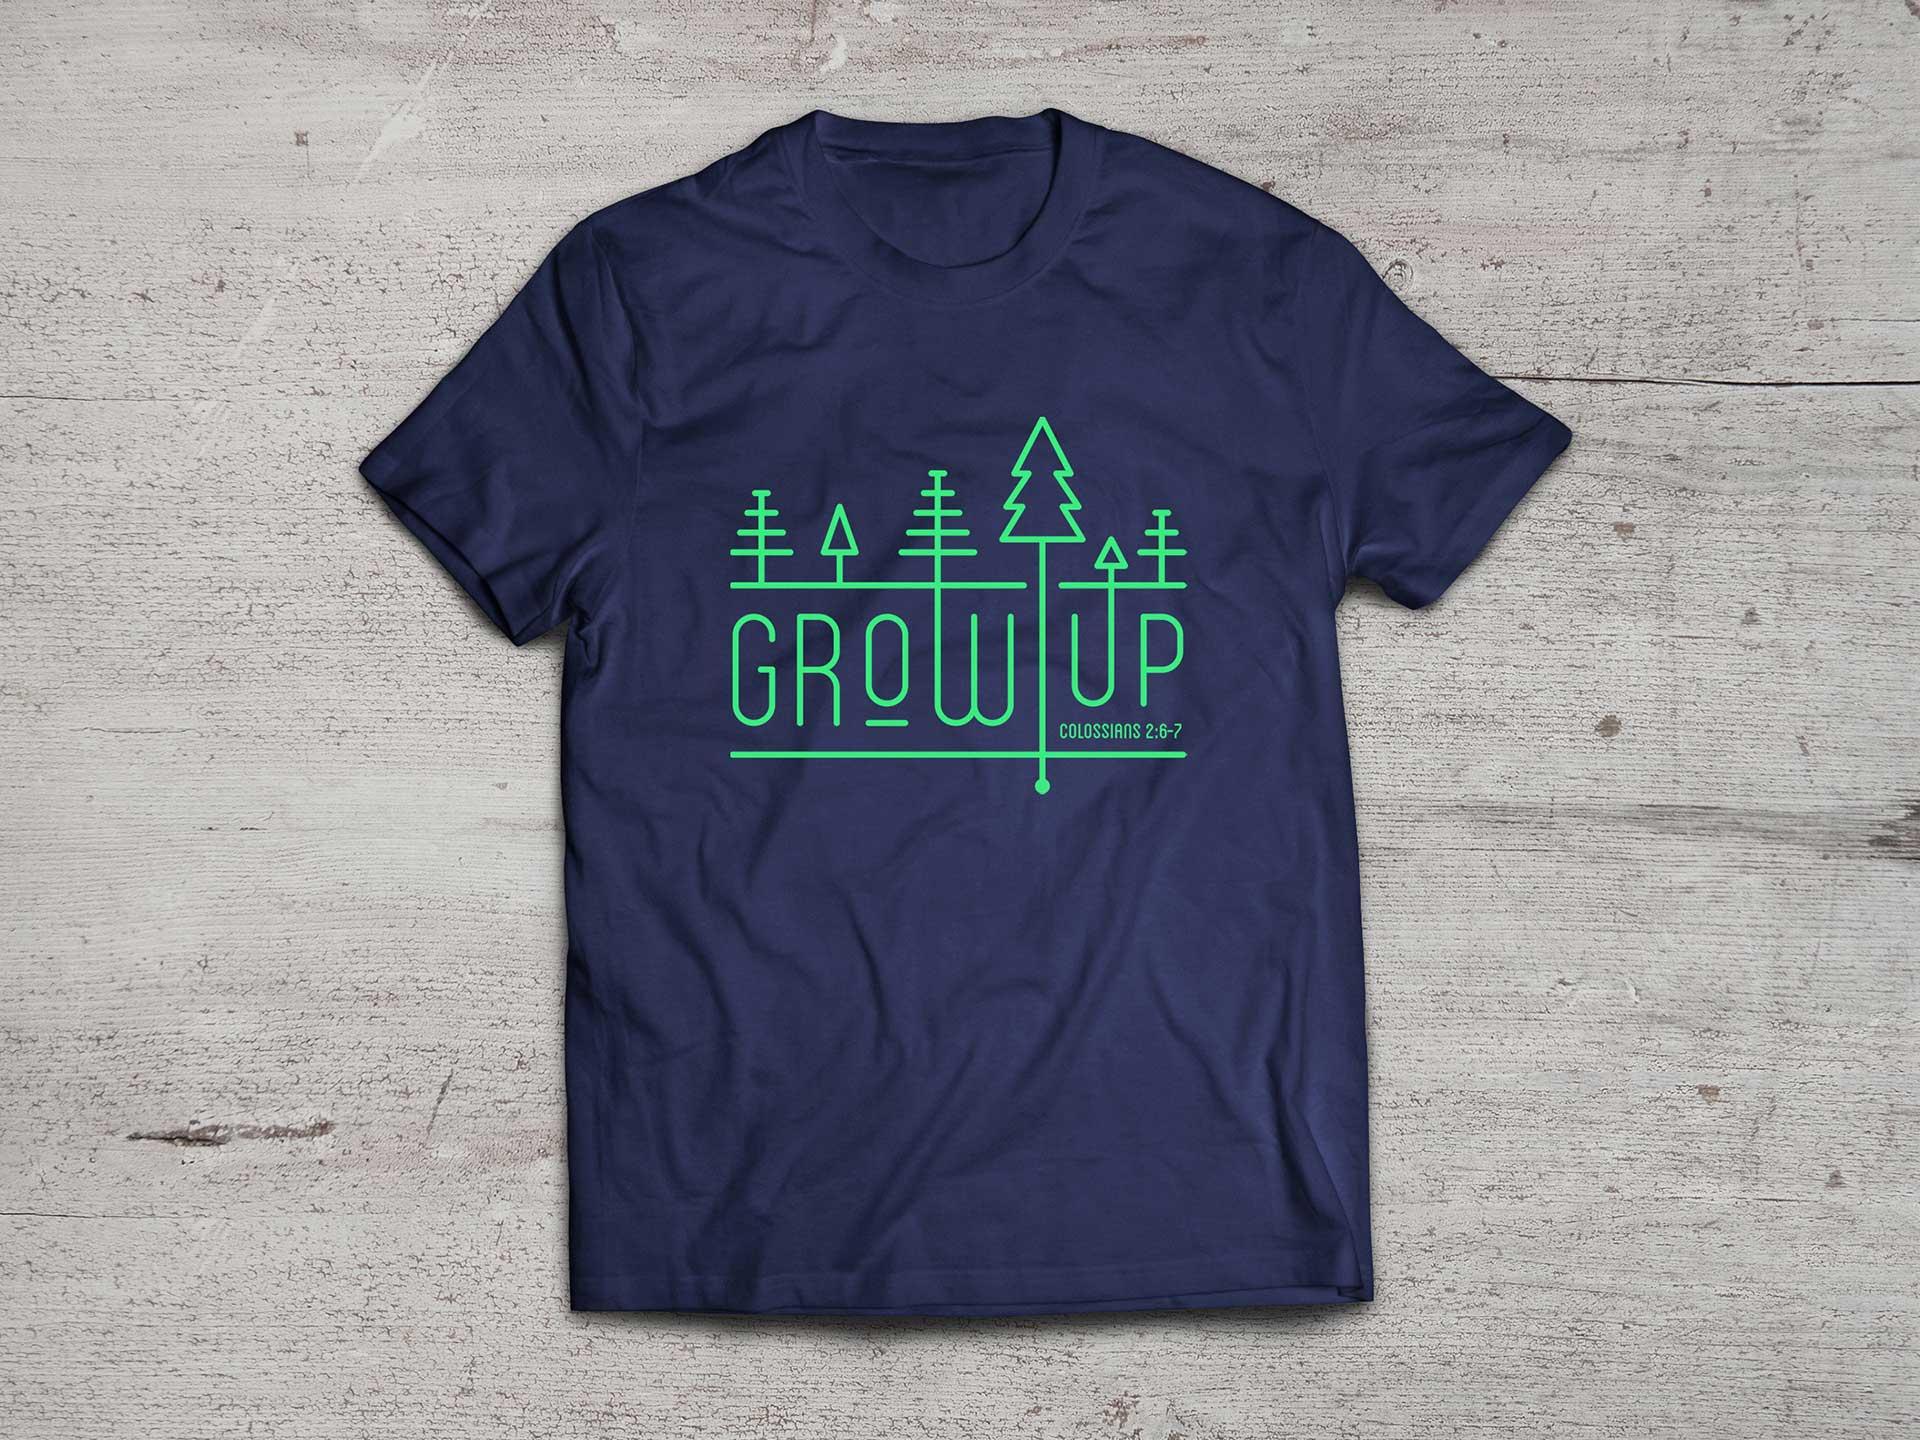 GrowUp_03.jpg